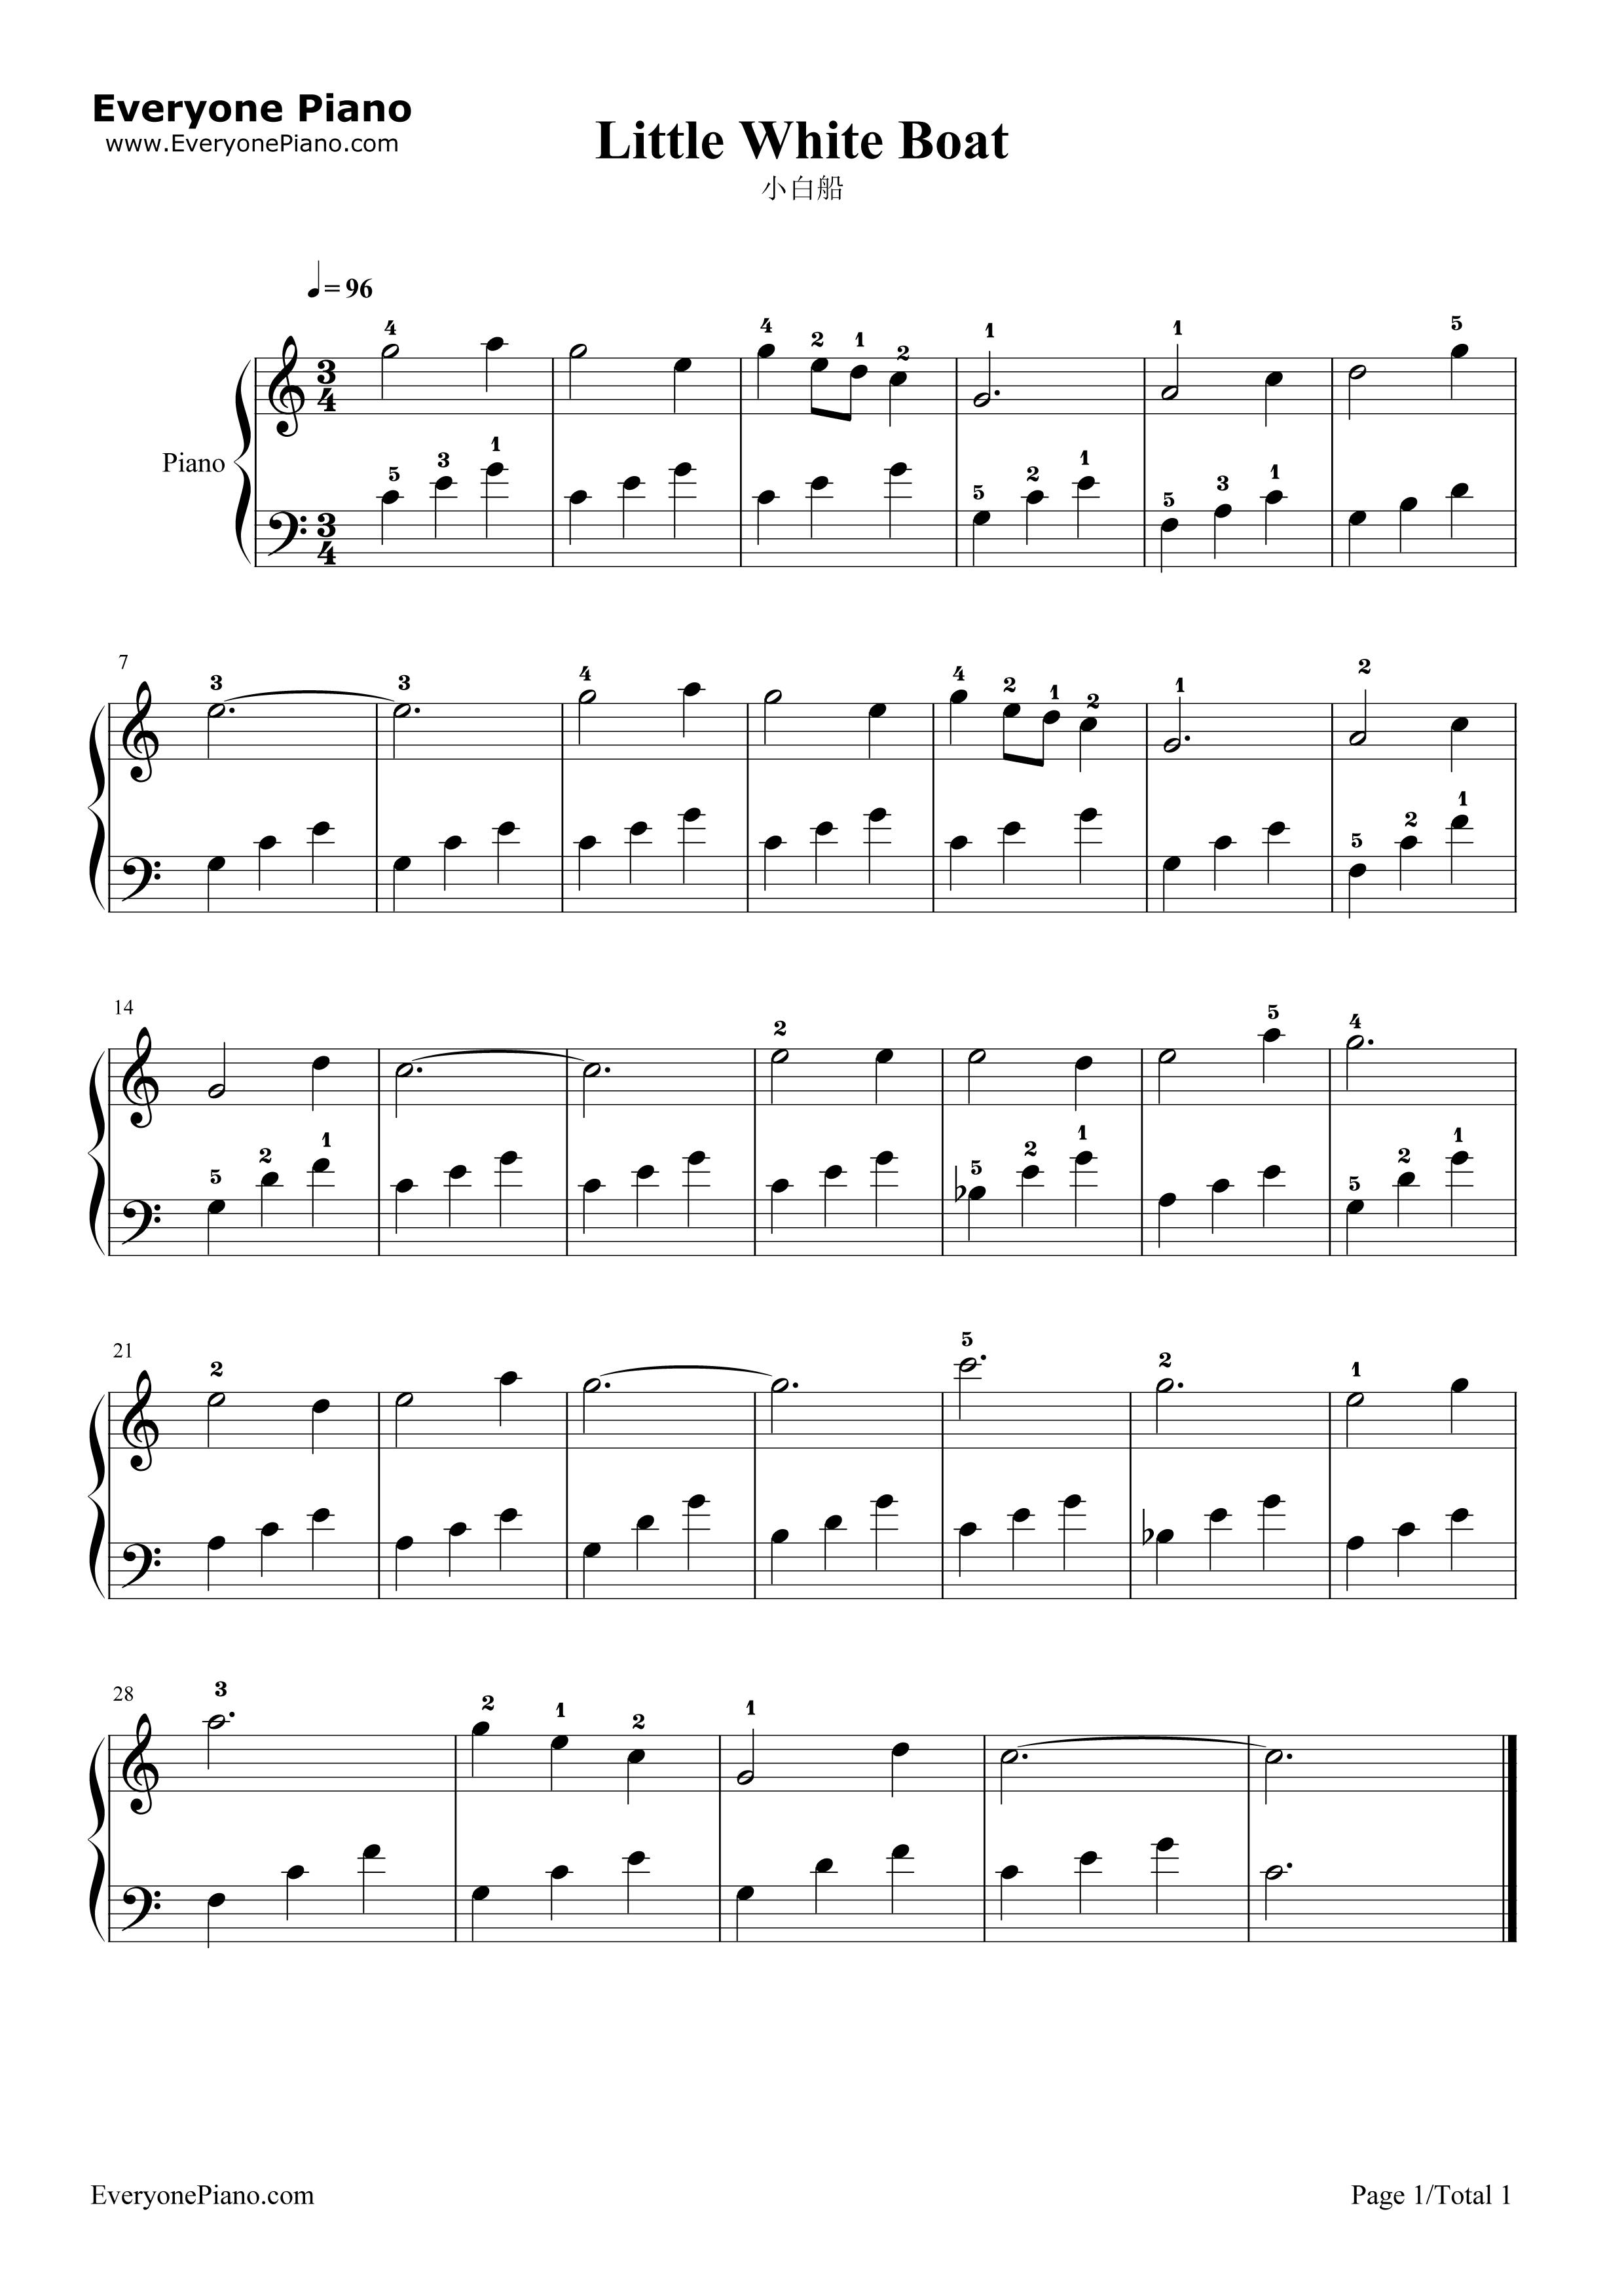 小白船五线谱预览1-钢琴谱文件(五线谱,双手简谱,数字图片